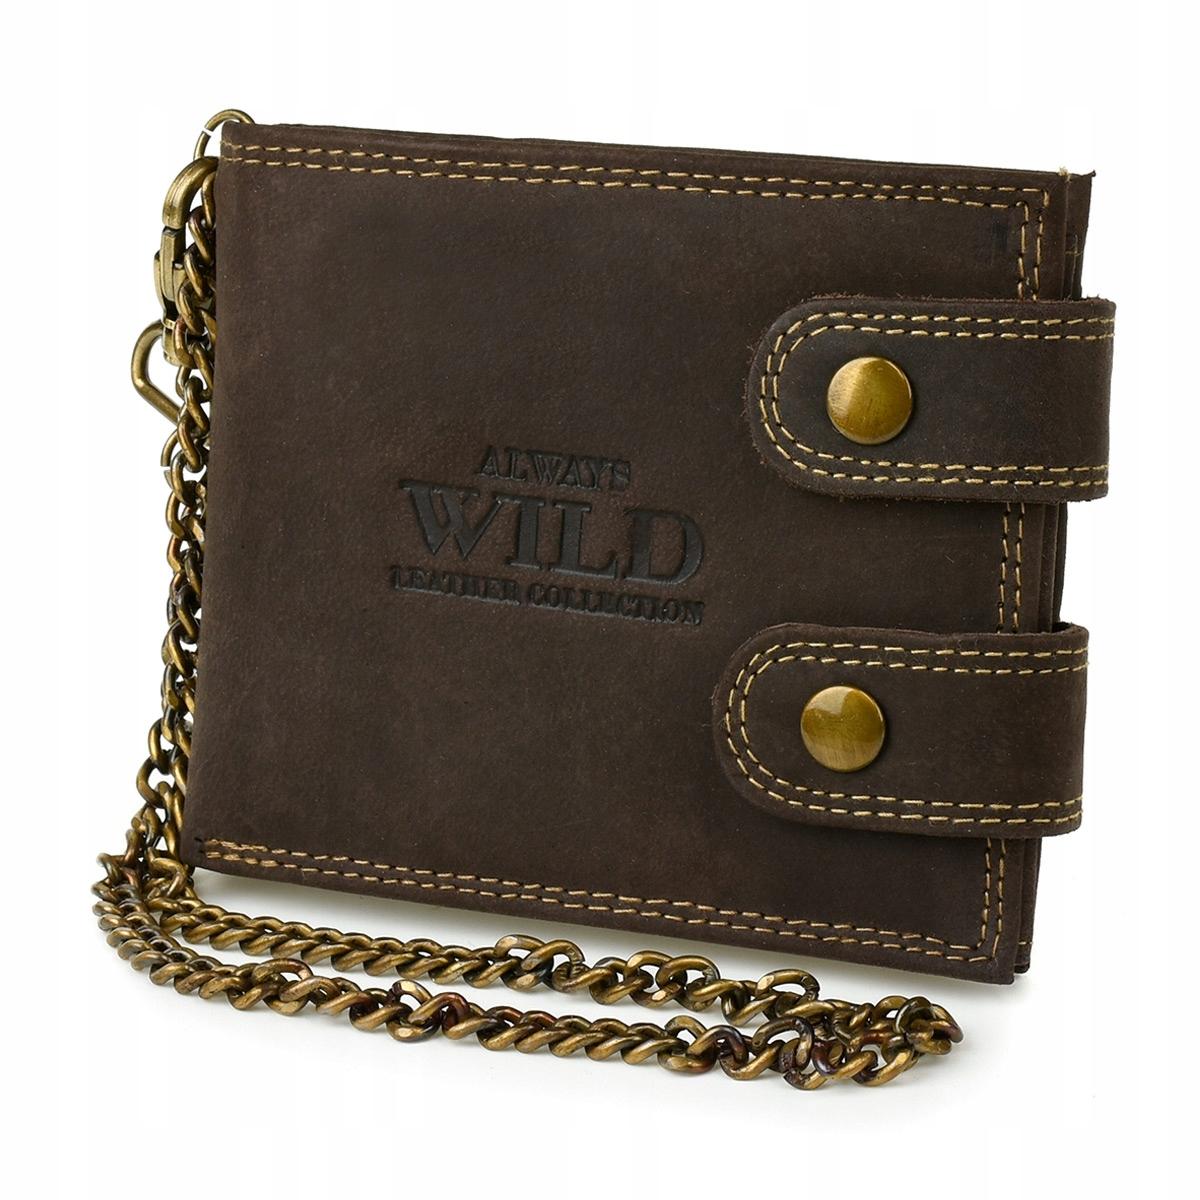 Always Wild Z49 Pánska kožená peňaženka RFID hnedá